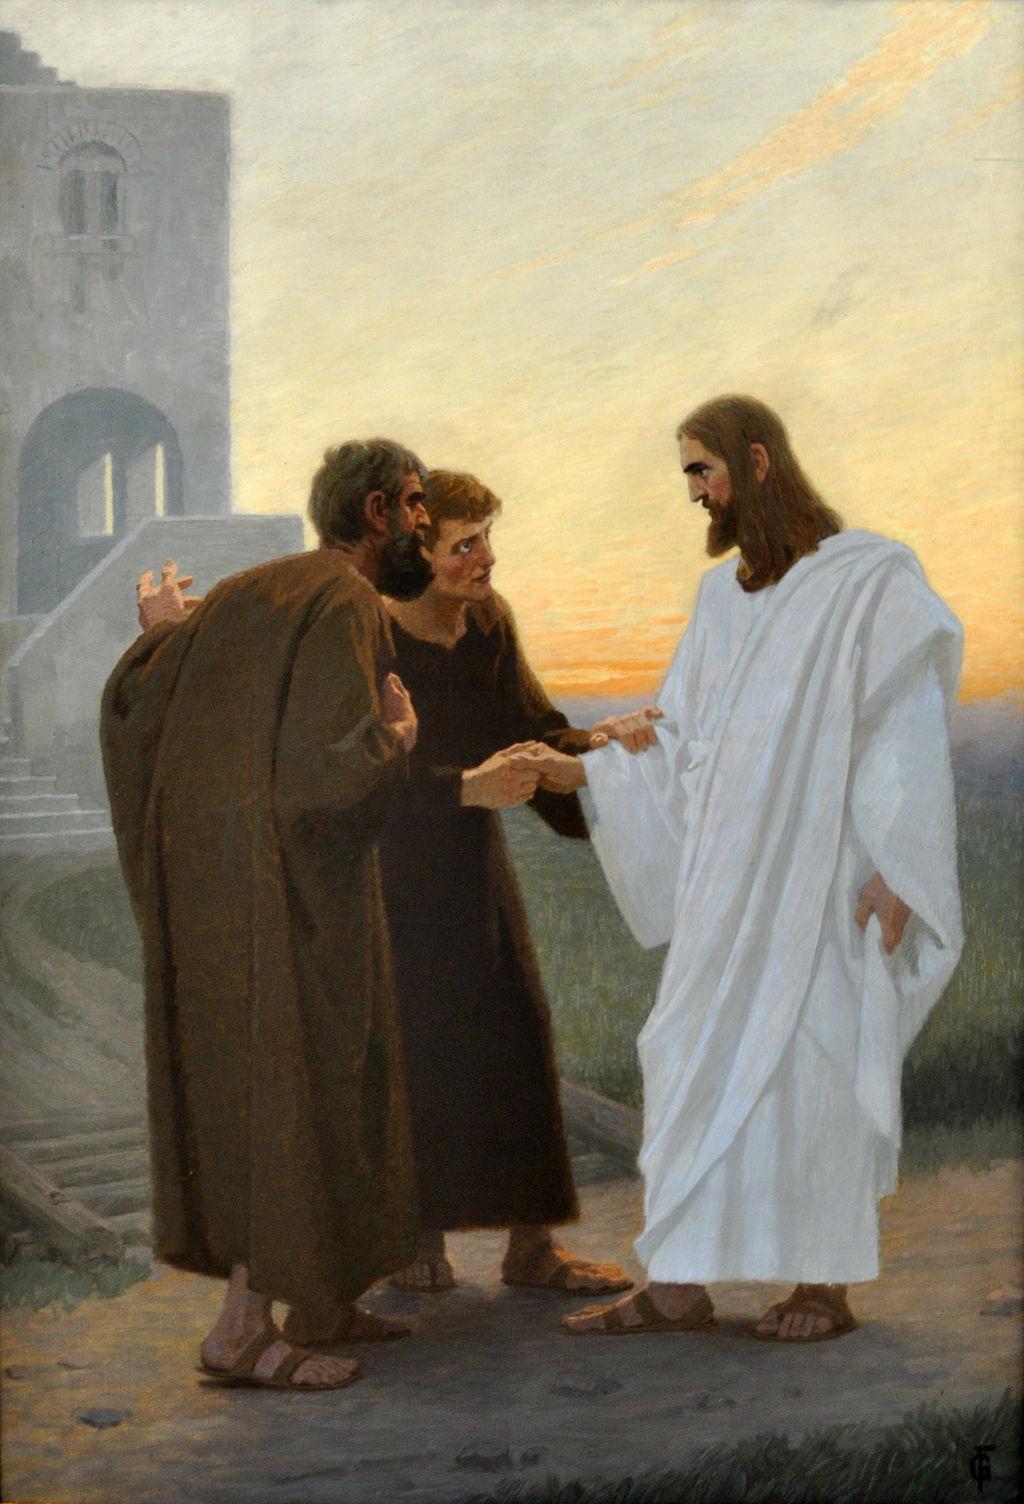 Jesus und der Gang nach Emmaus by Gebhard Fugel